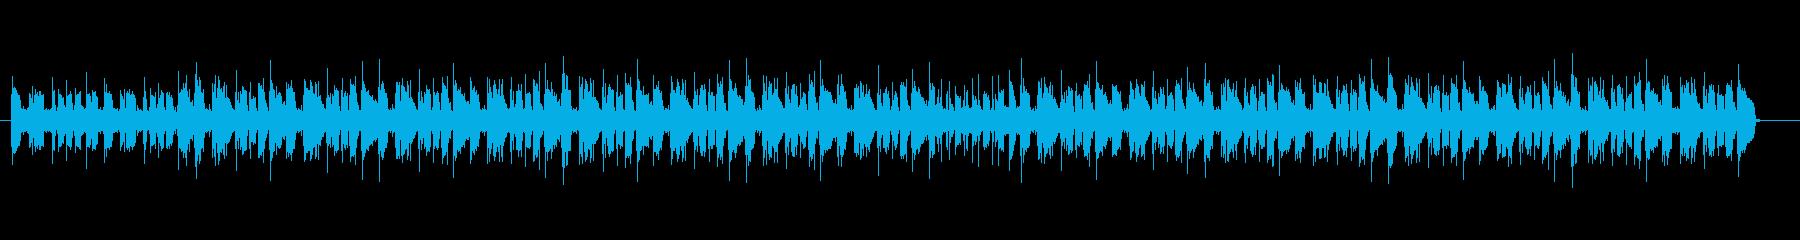 ギター、ベースとドラムマシンのループの再生済みの波形